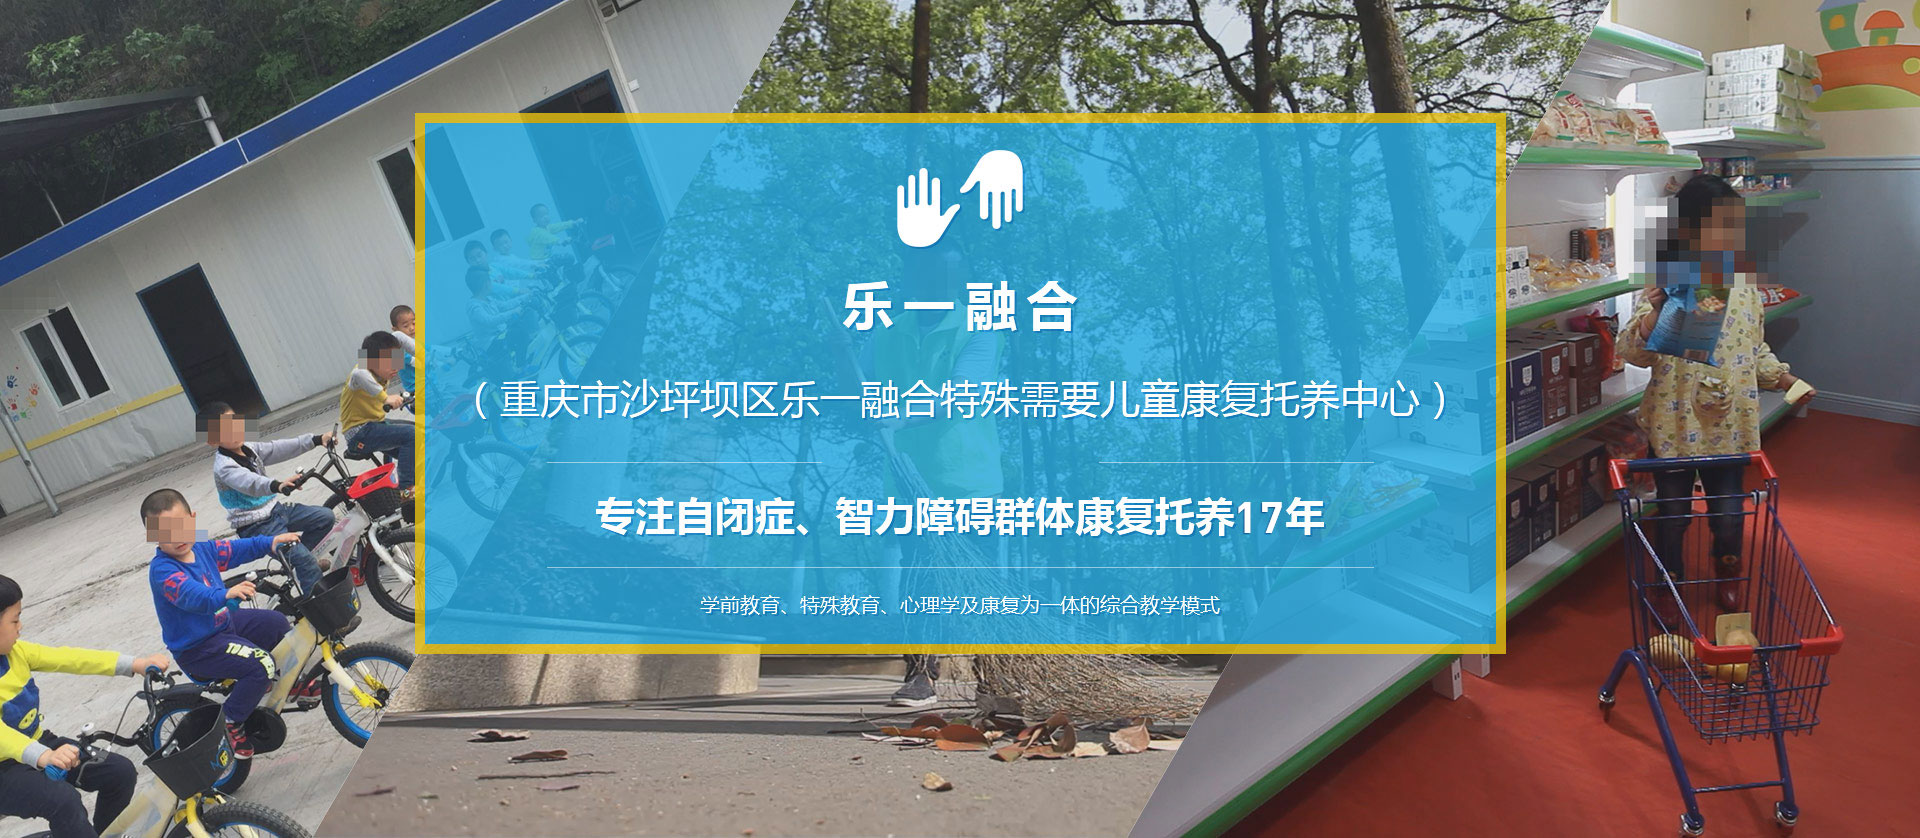 重庆自闭症